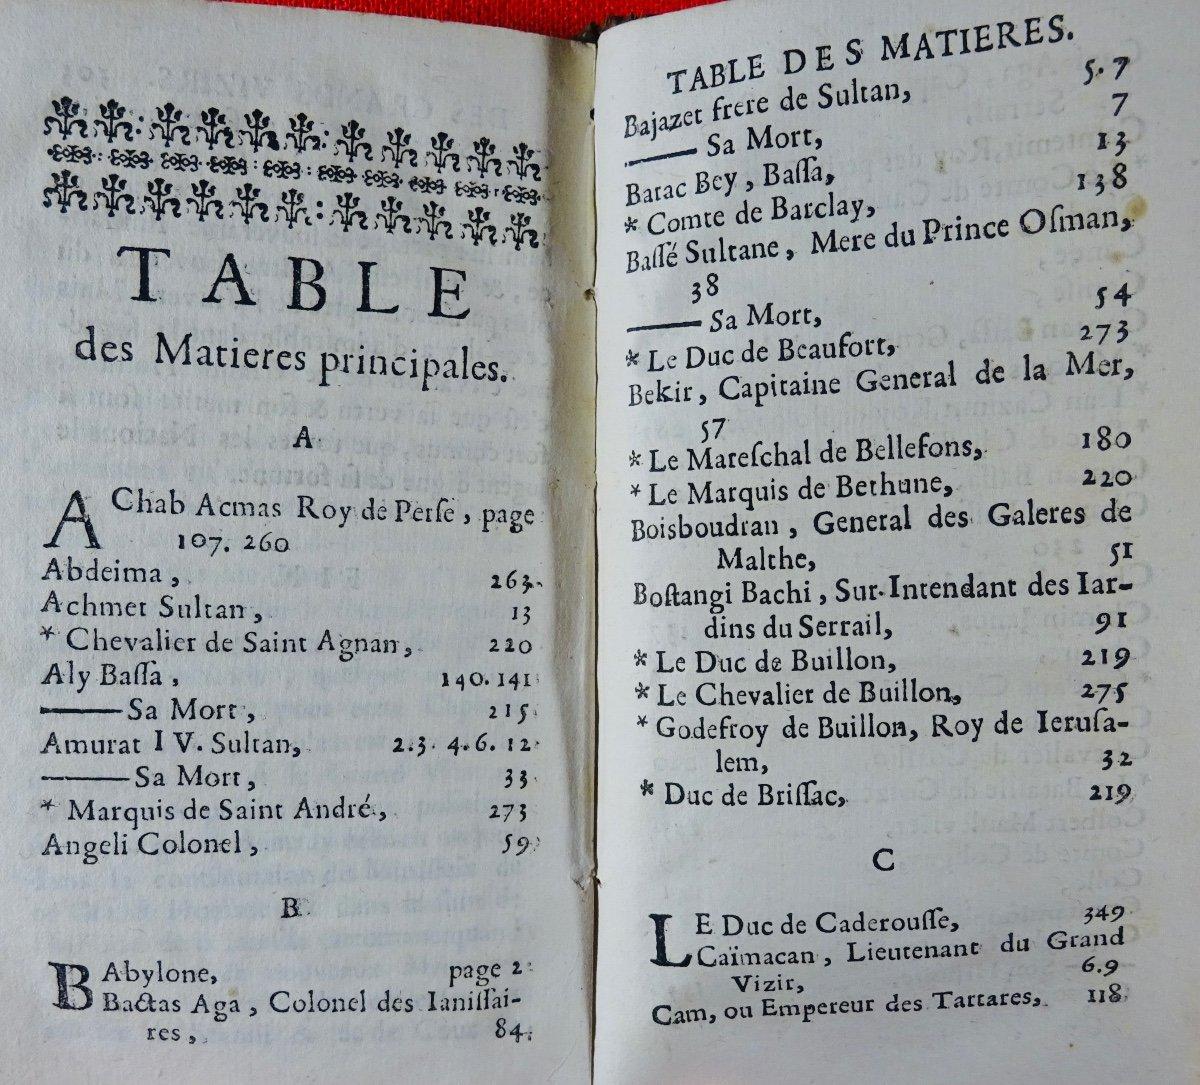 [chassepol] - Histoire Des Grands Vizirs Mahomet Coprogli-pacha, Et Ahcmet Coprogli-pacha. 1676-photo-4